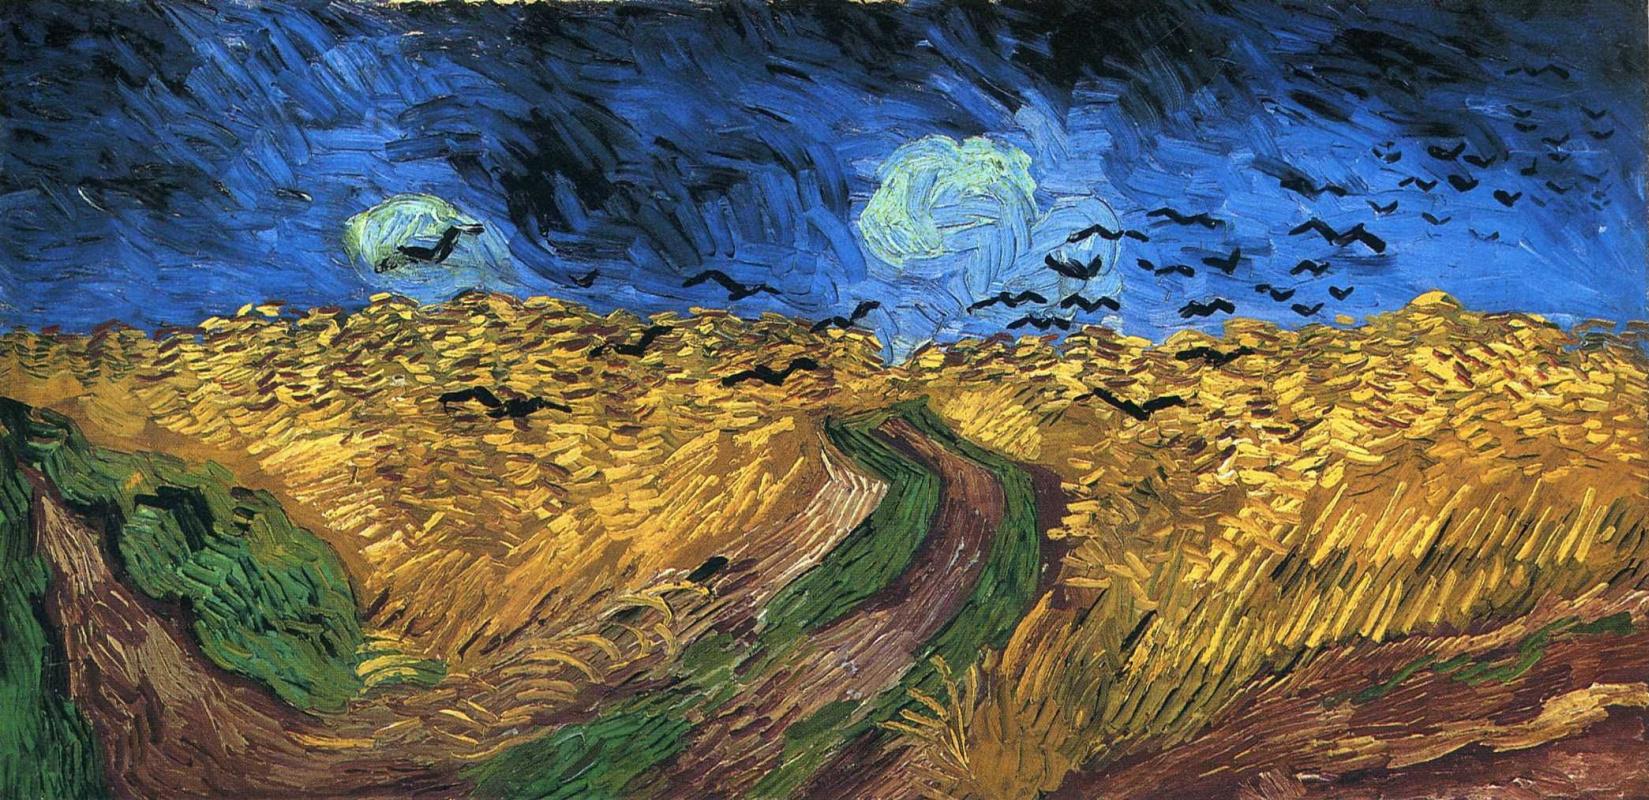 Винсент ушел. Но дарит вдохновение: маршрут по выставкам к юбилею со дня смерти художника (ч.2).